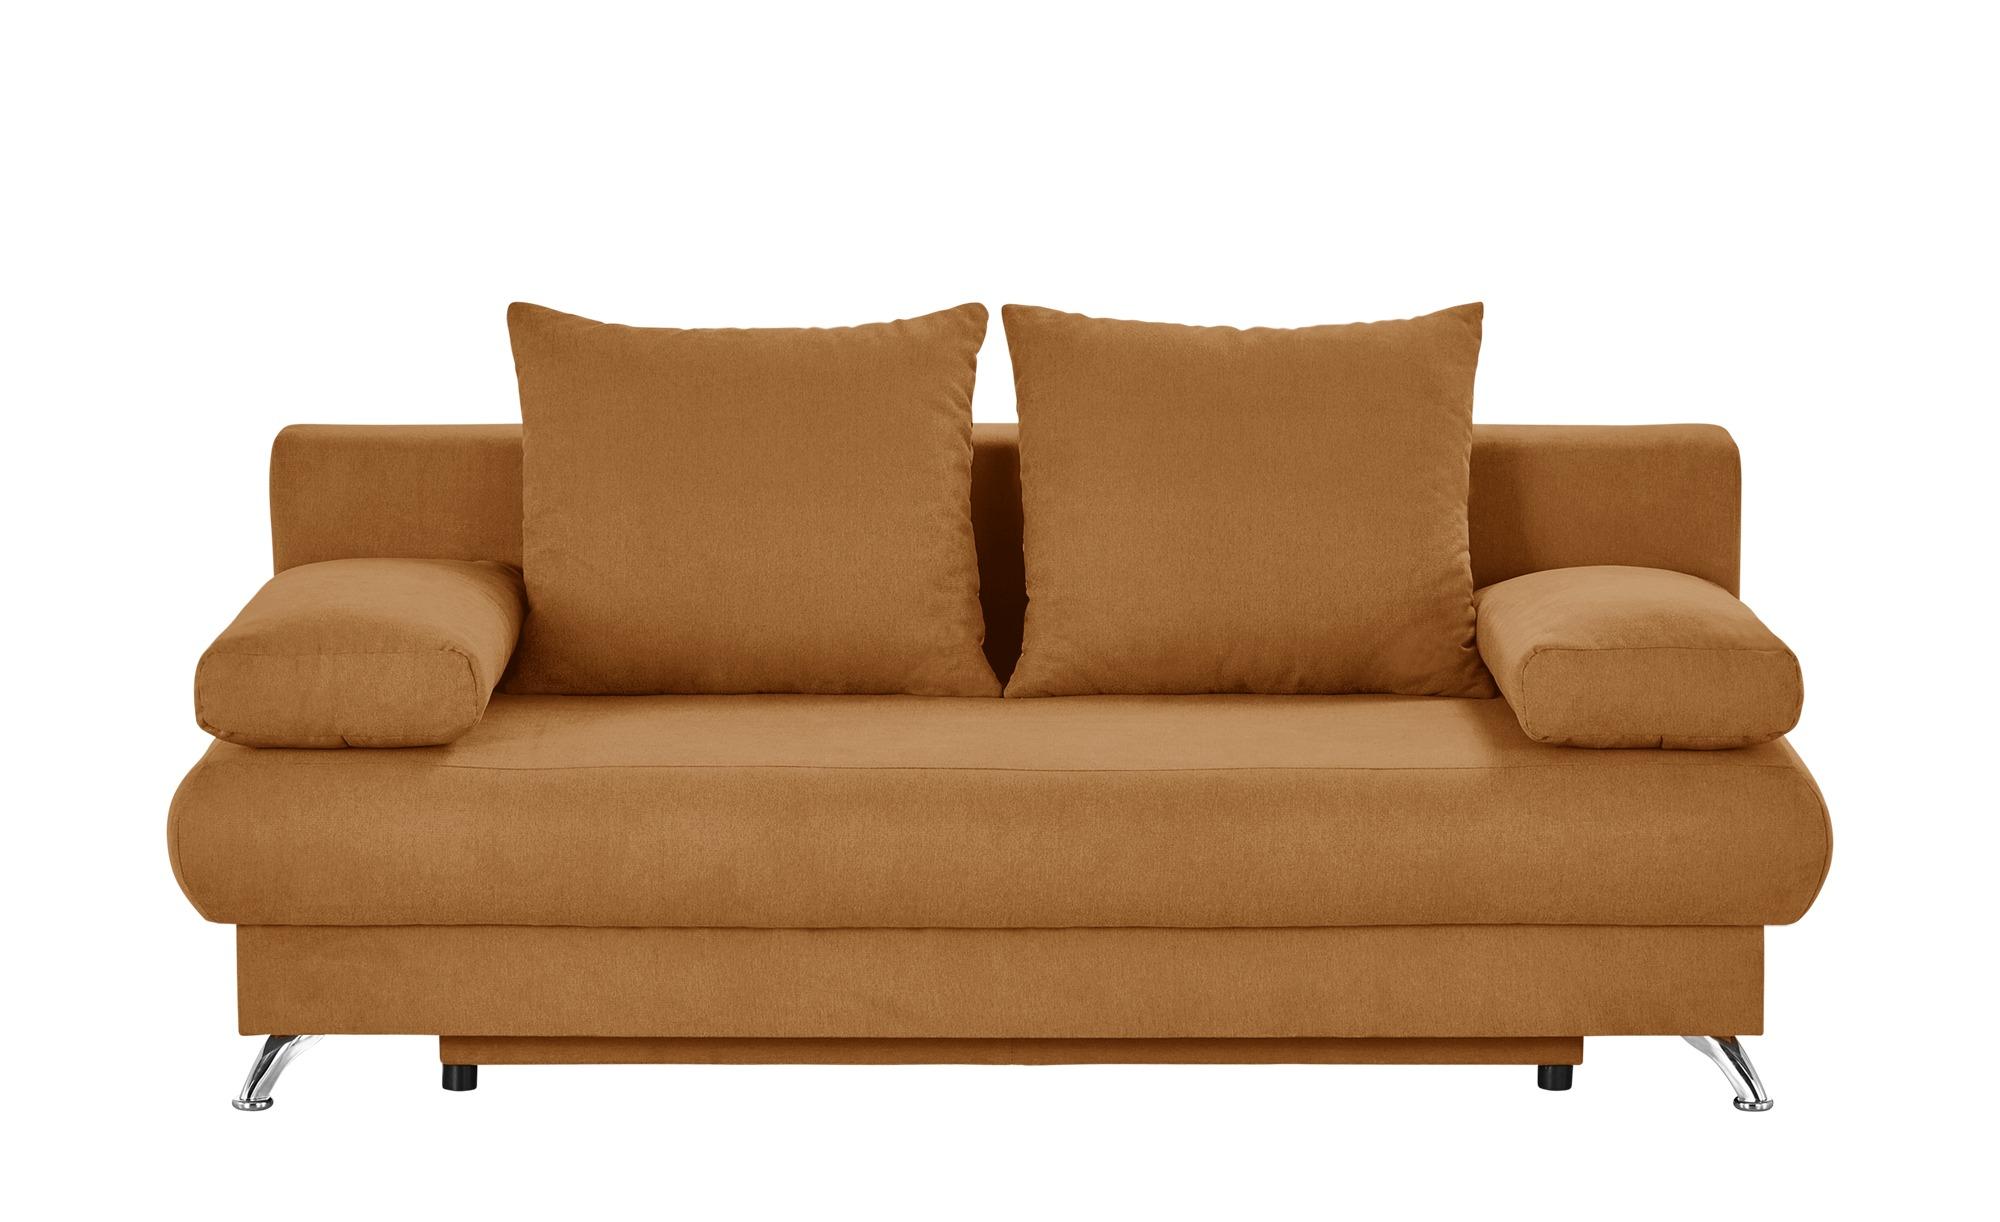 Schlafsofa ocker - Flachgewebe Viola ¦ orange ¦ Maße (cm): B: 203 H: 72 T: 93 Polstermöbel > Sofas > 2-Sitzer - Höffner